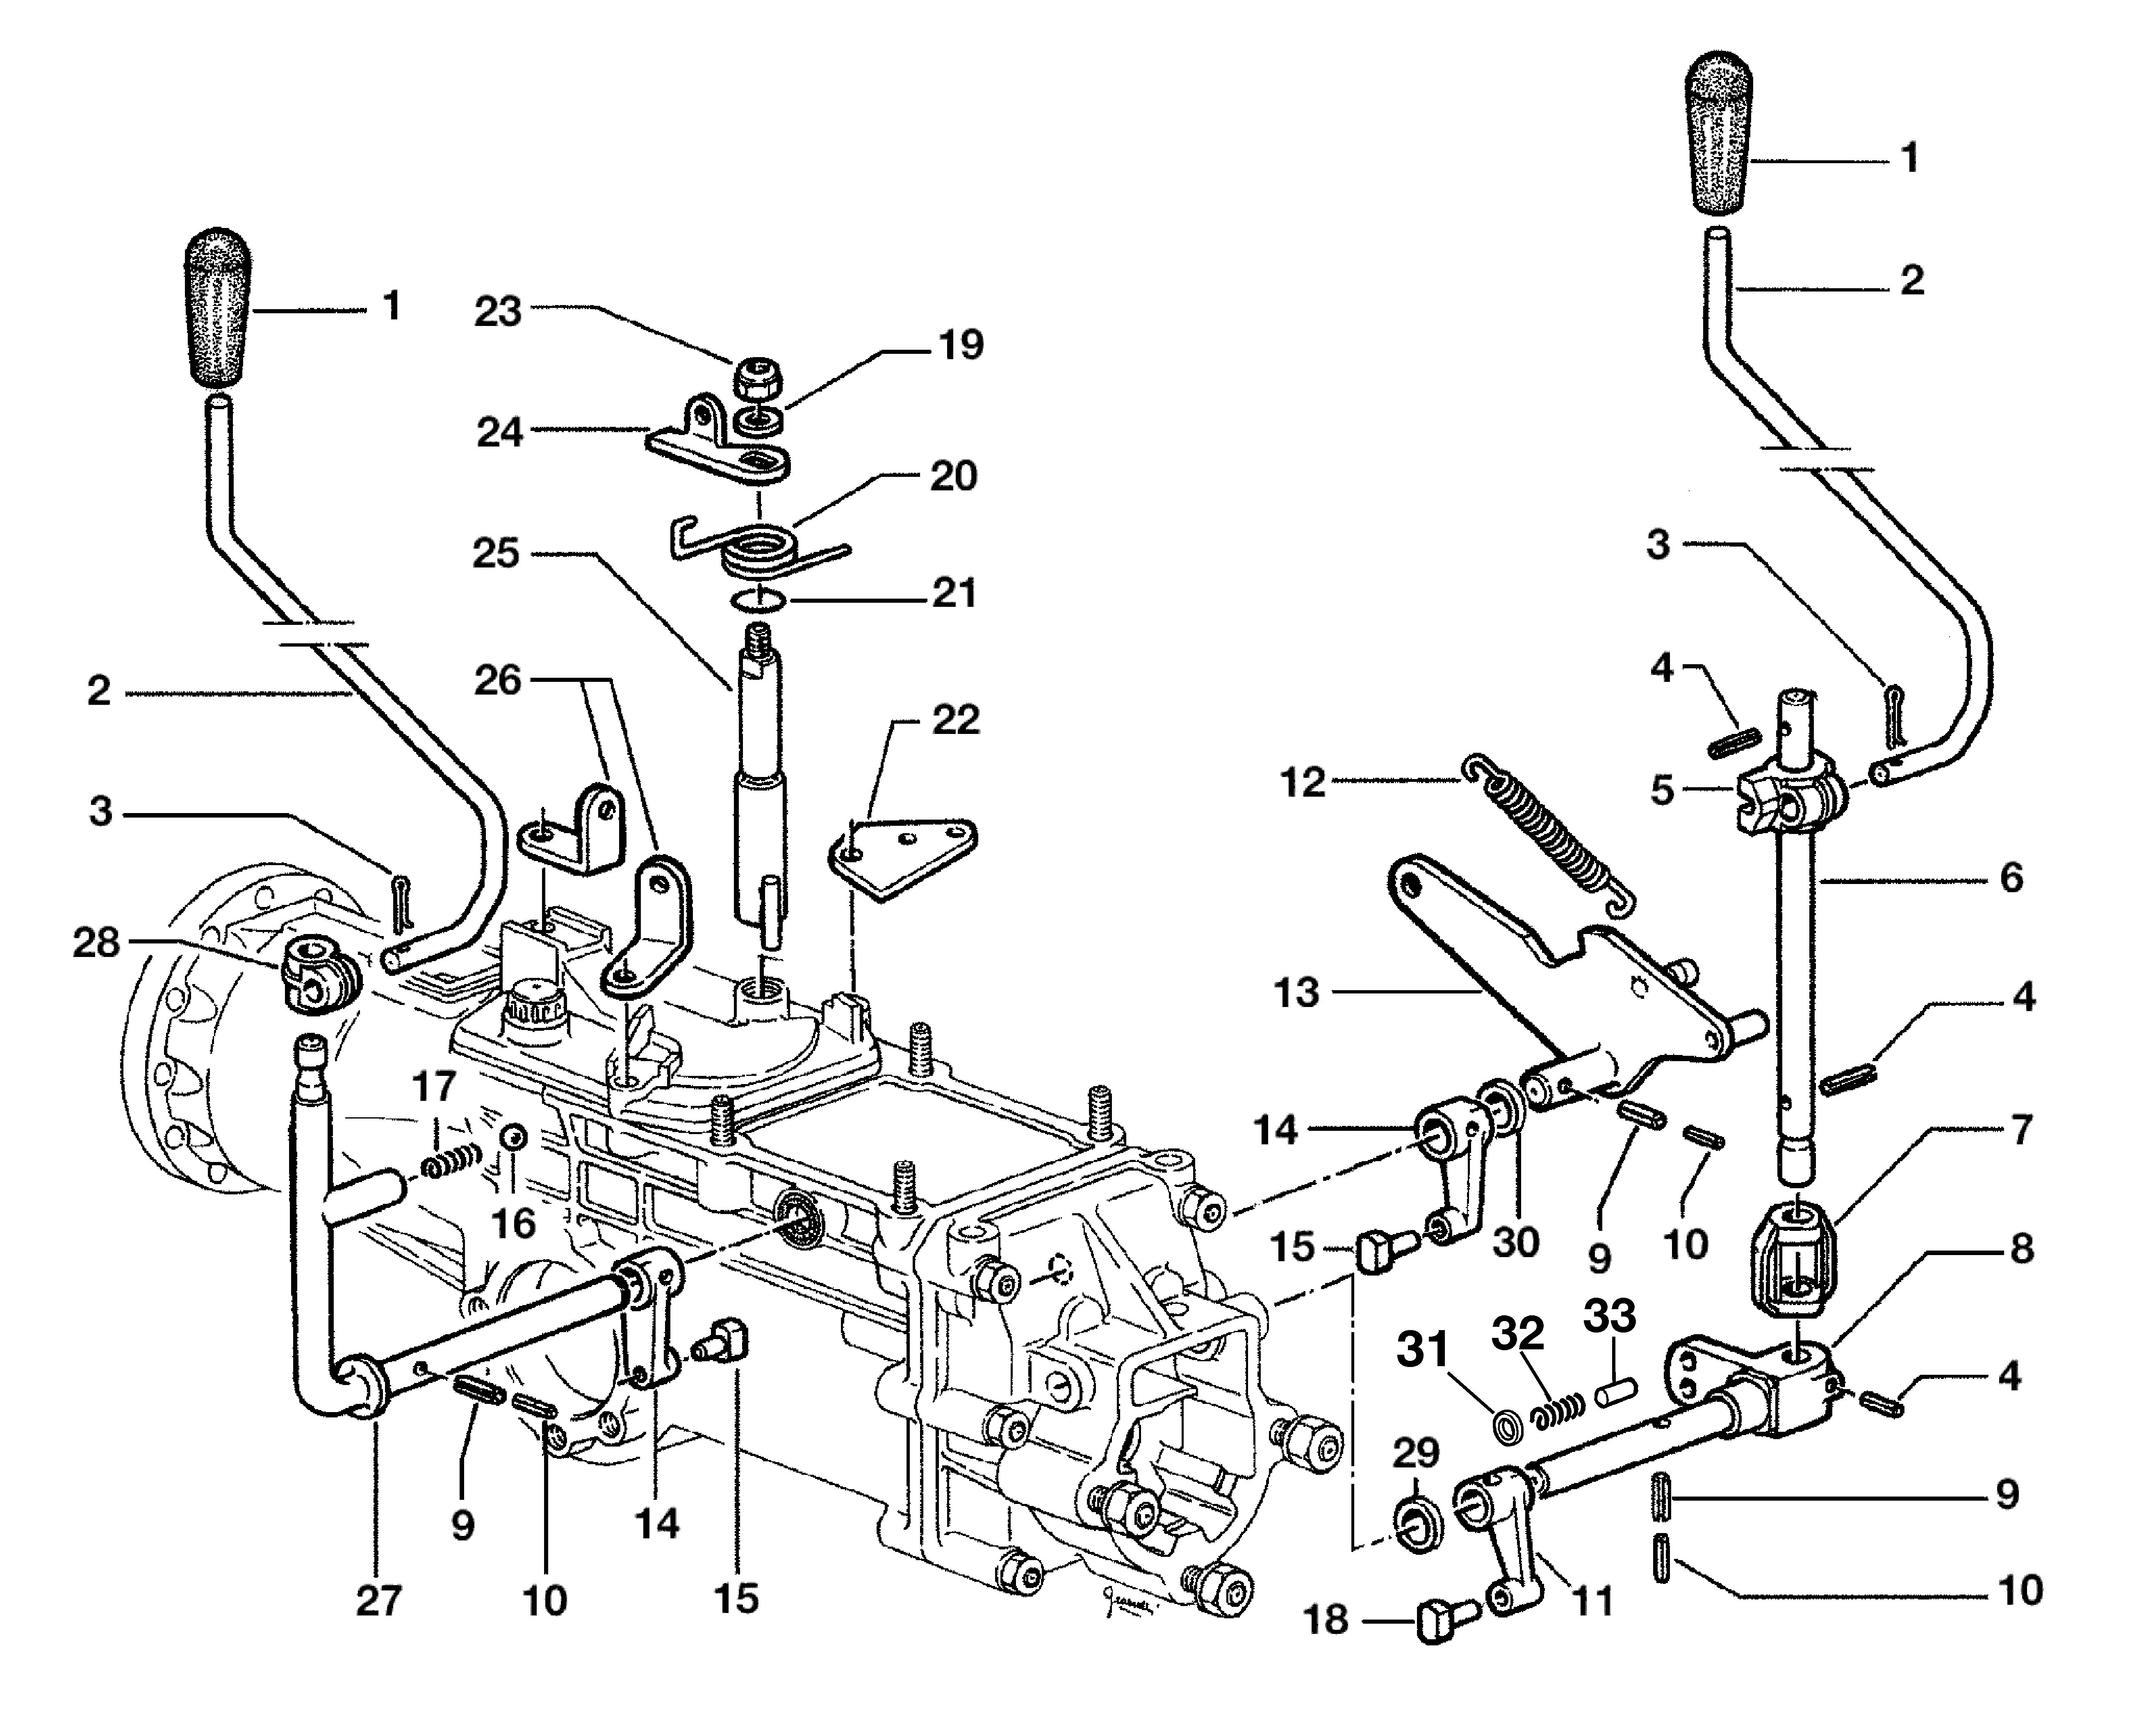 KAM 5 HF Motoculteur  OLEOMAC NIBBI vue éclatée  Dessins pièces -  Commandes intérieurs